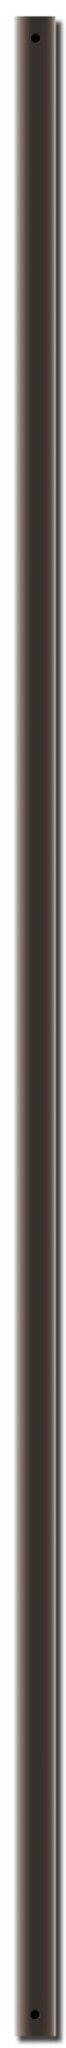 Tige Pour Ventilateur – Canarm – DR3613